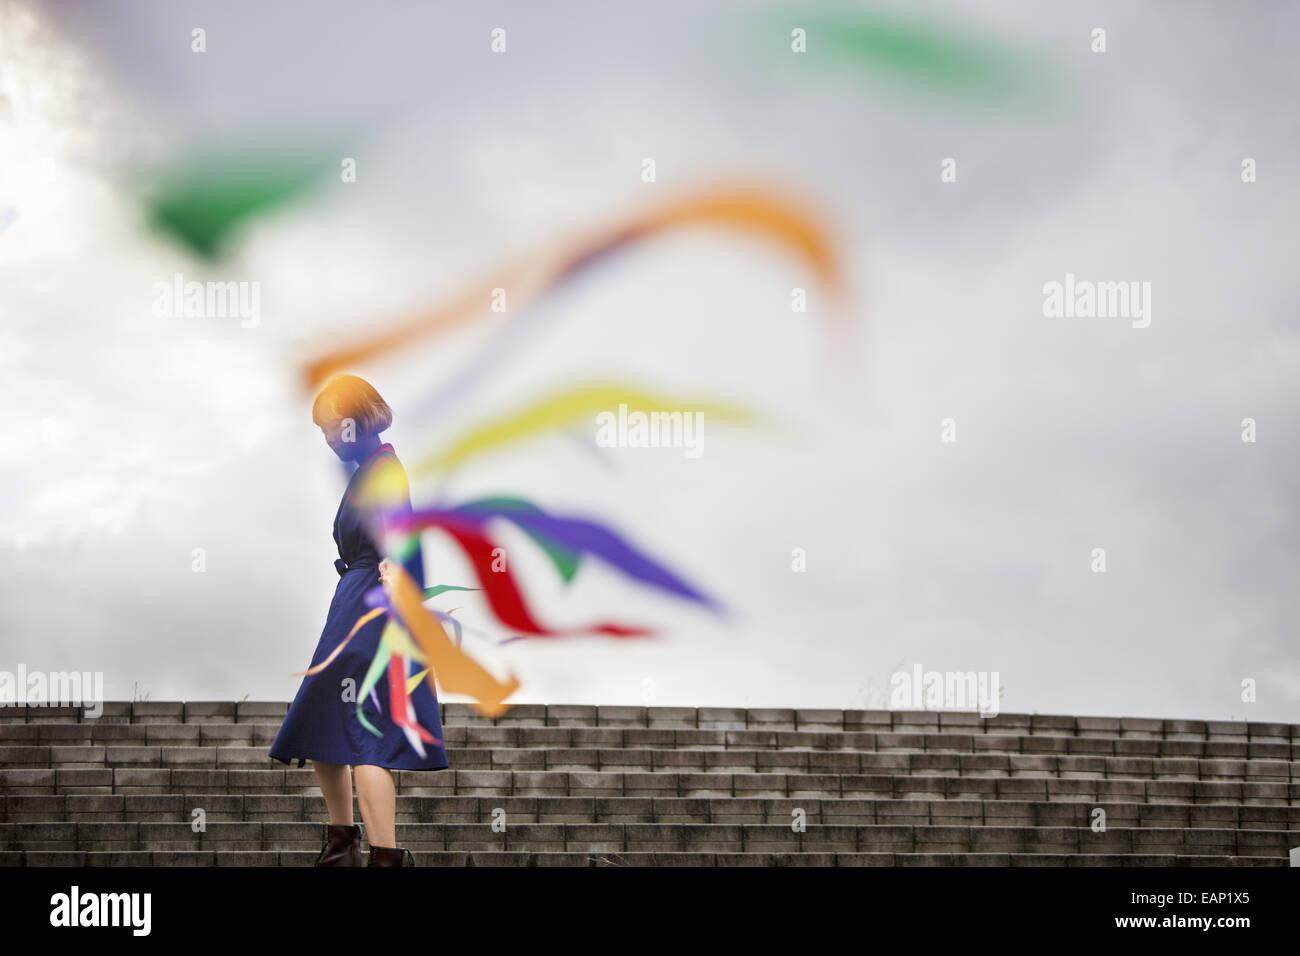 Un artiste lors d'une performance le déplacement d'une ligne de drapeaux ou banderoles. Photo Stock